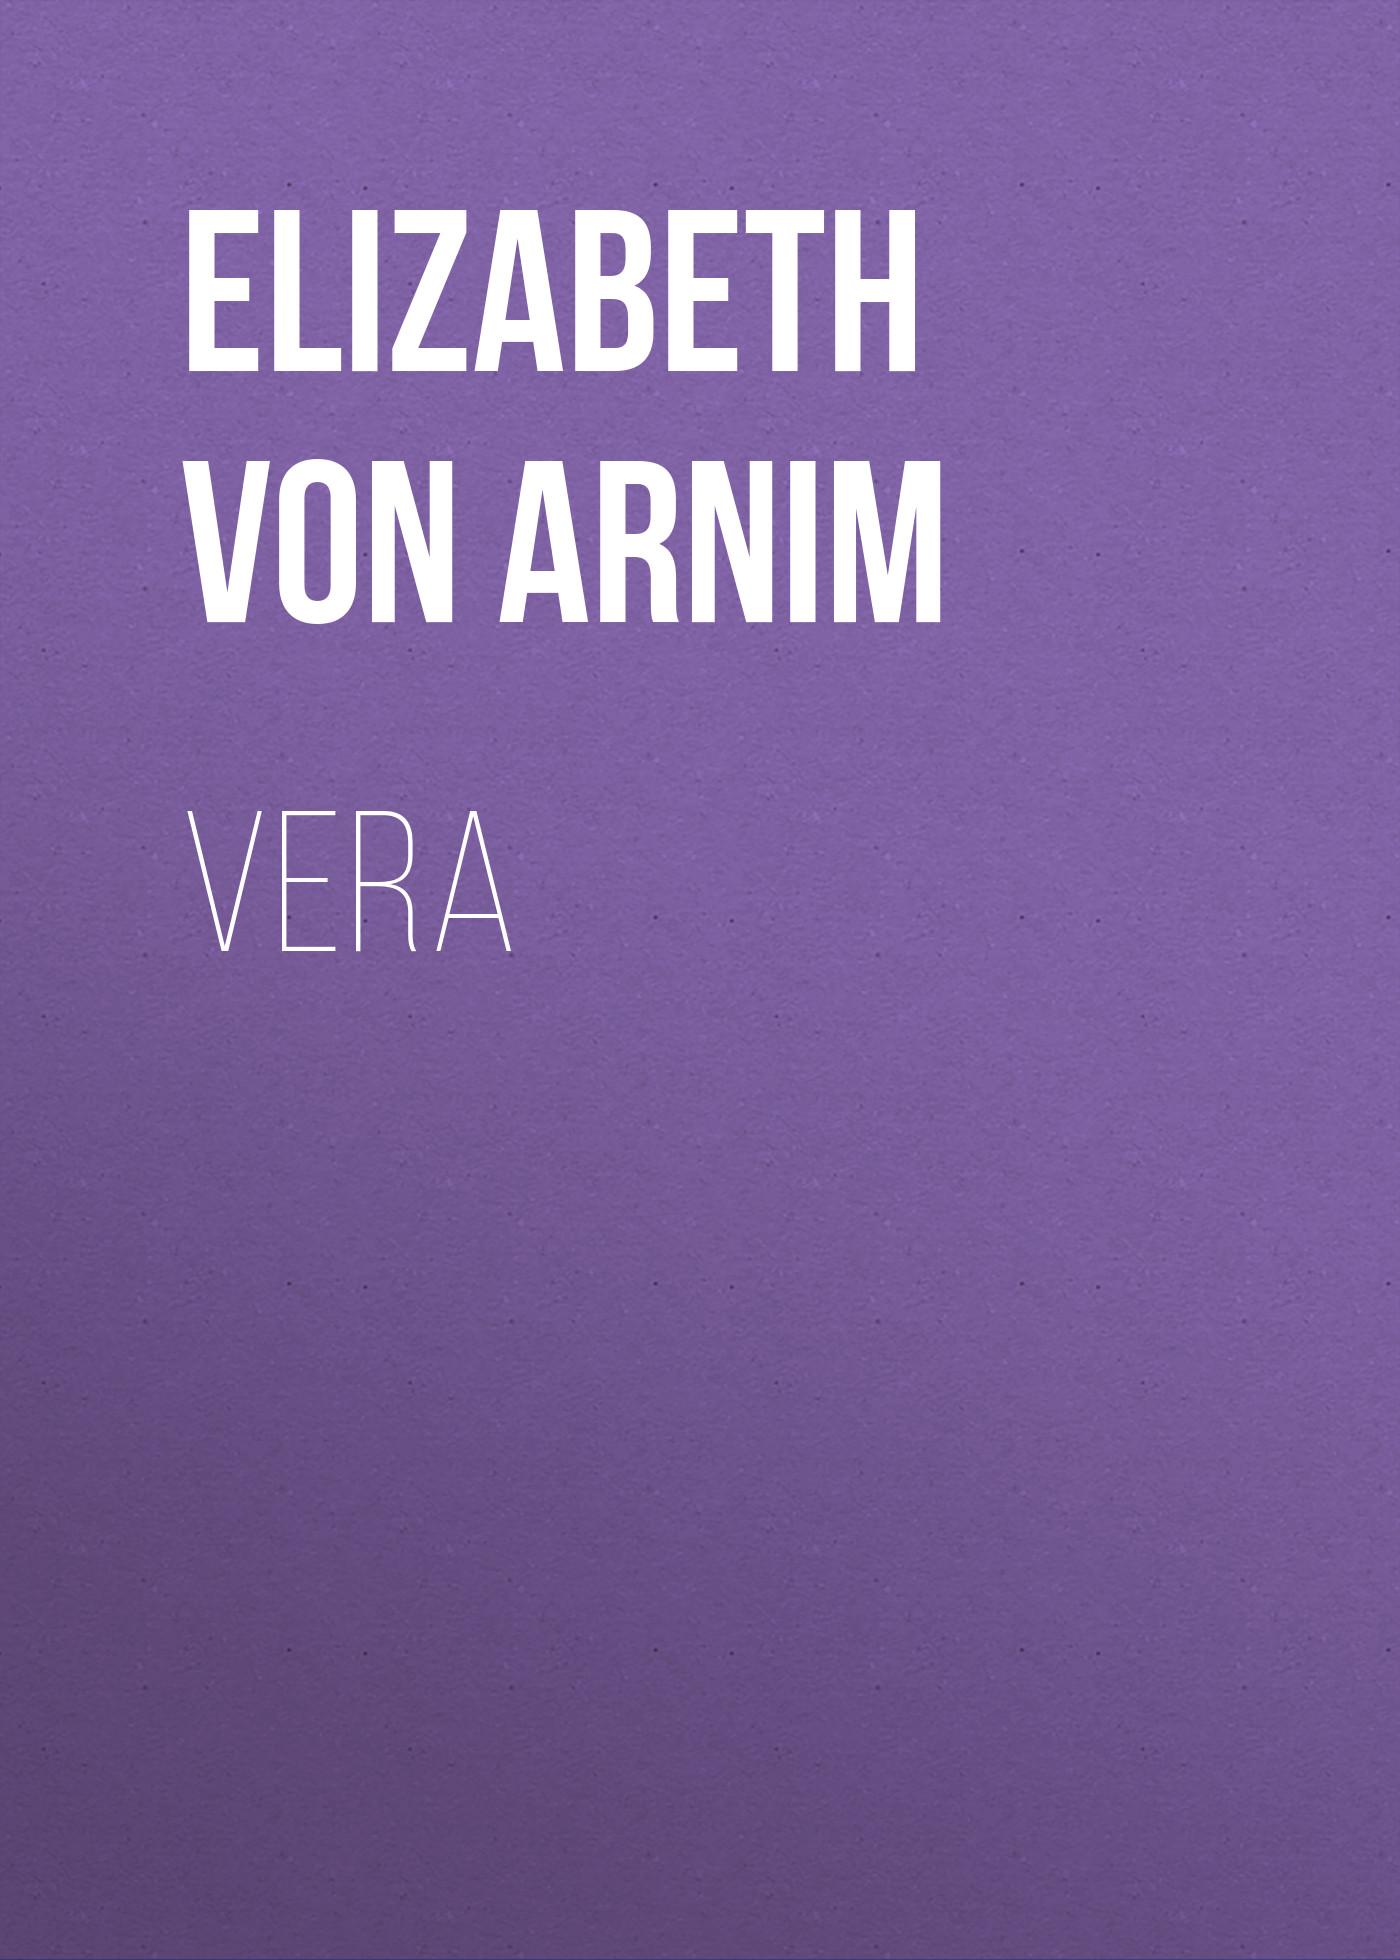 лучшая цена Elizabeth von Arnim Vera